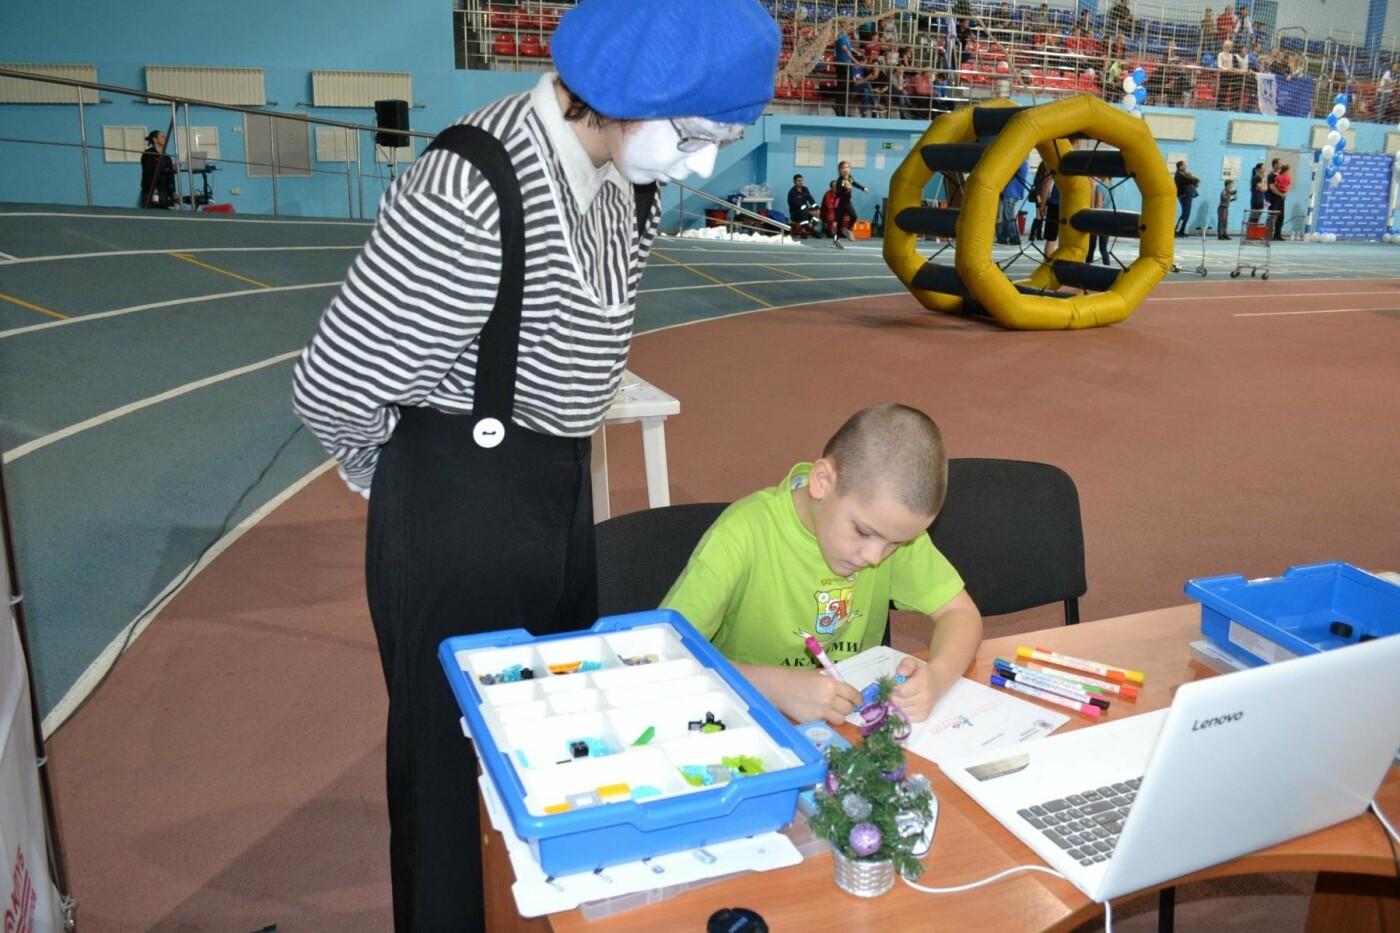 Детям будет интересно! В Белгороде открылся клуб программирования и робототехники «Академия гениев», фото-3